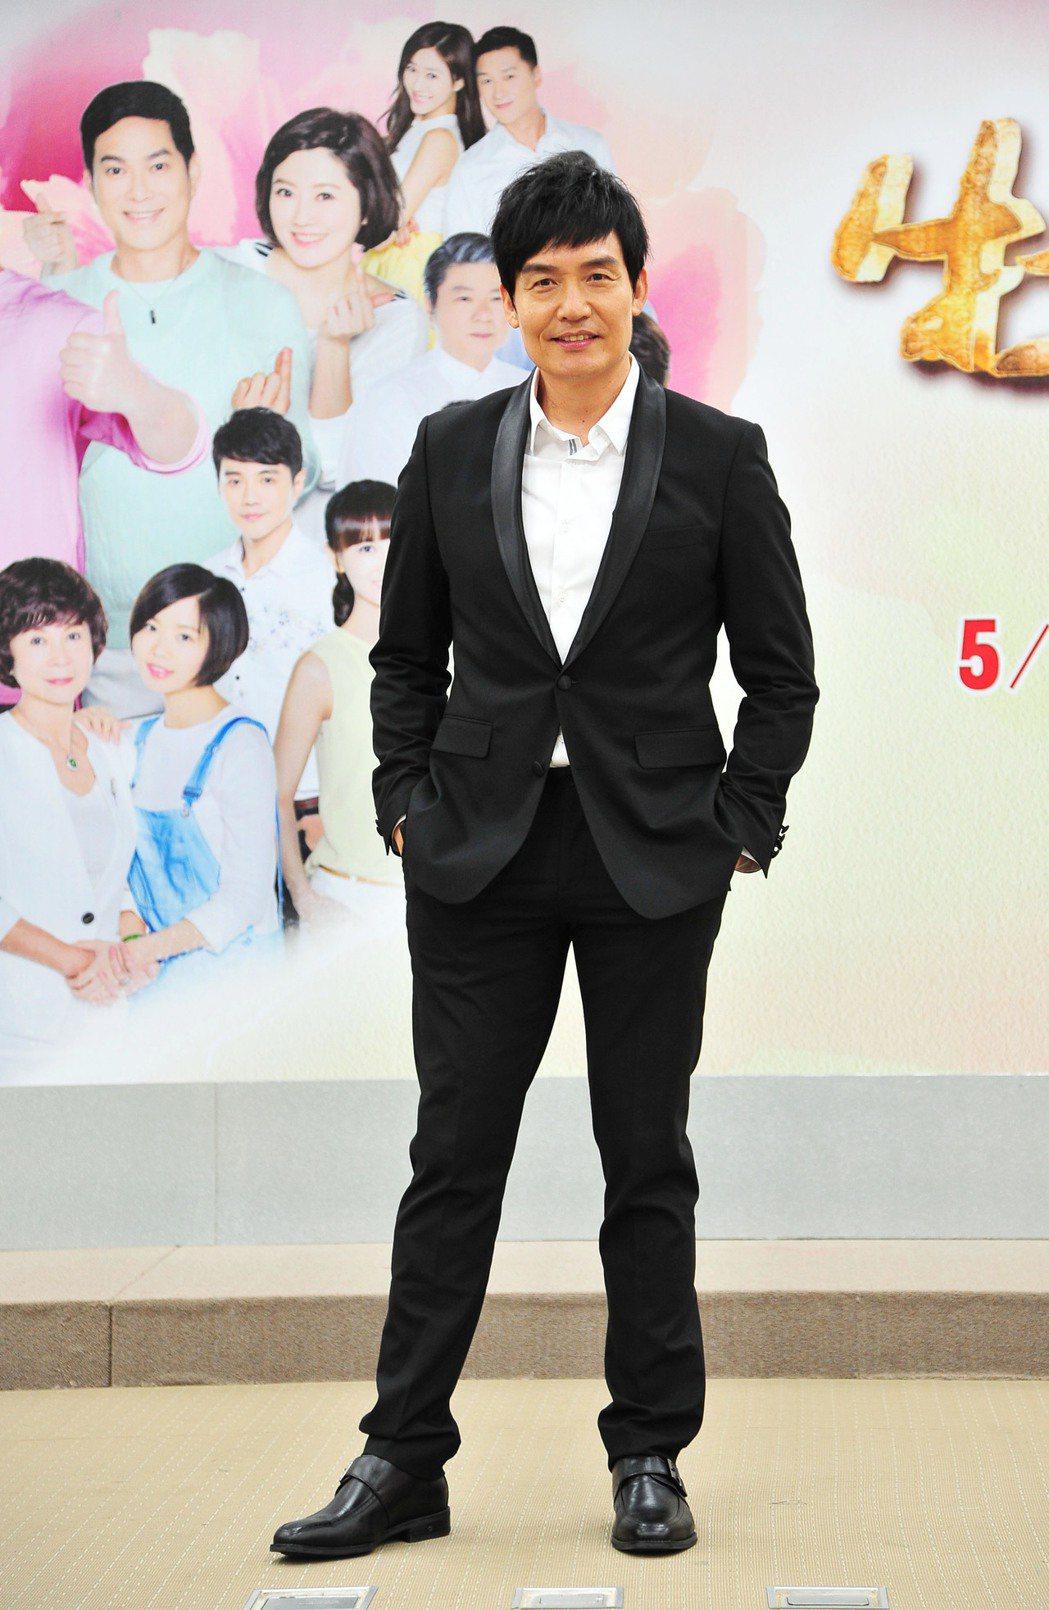 霍正奇戲中飾演孫淑媚的前夫。圖/台視提供